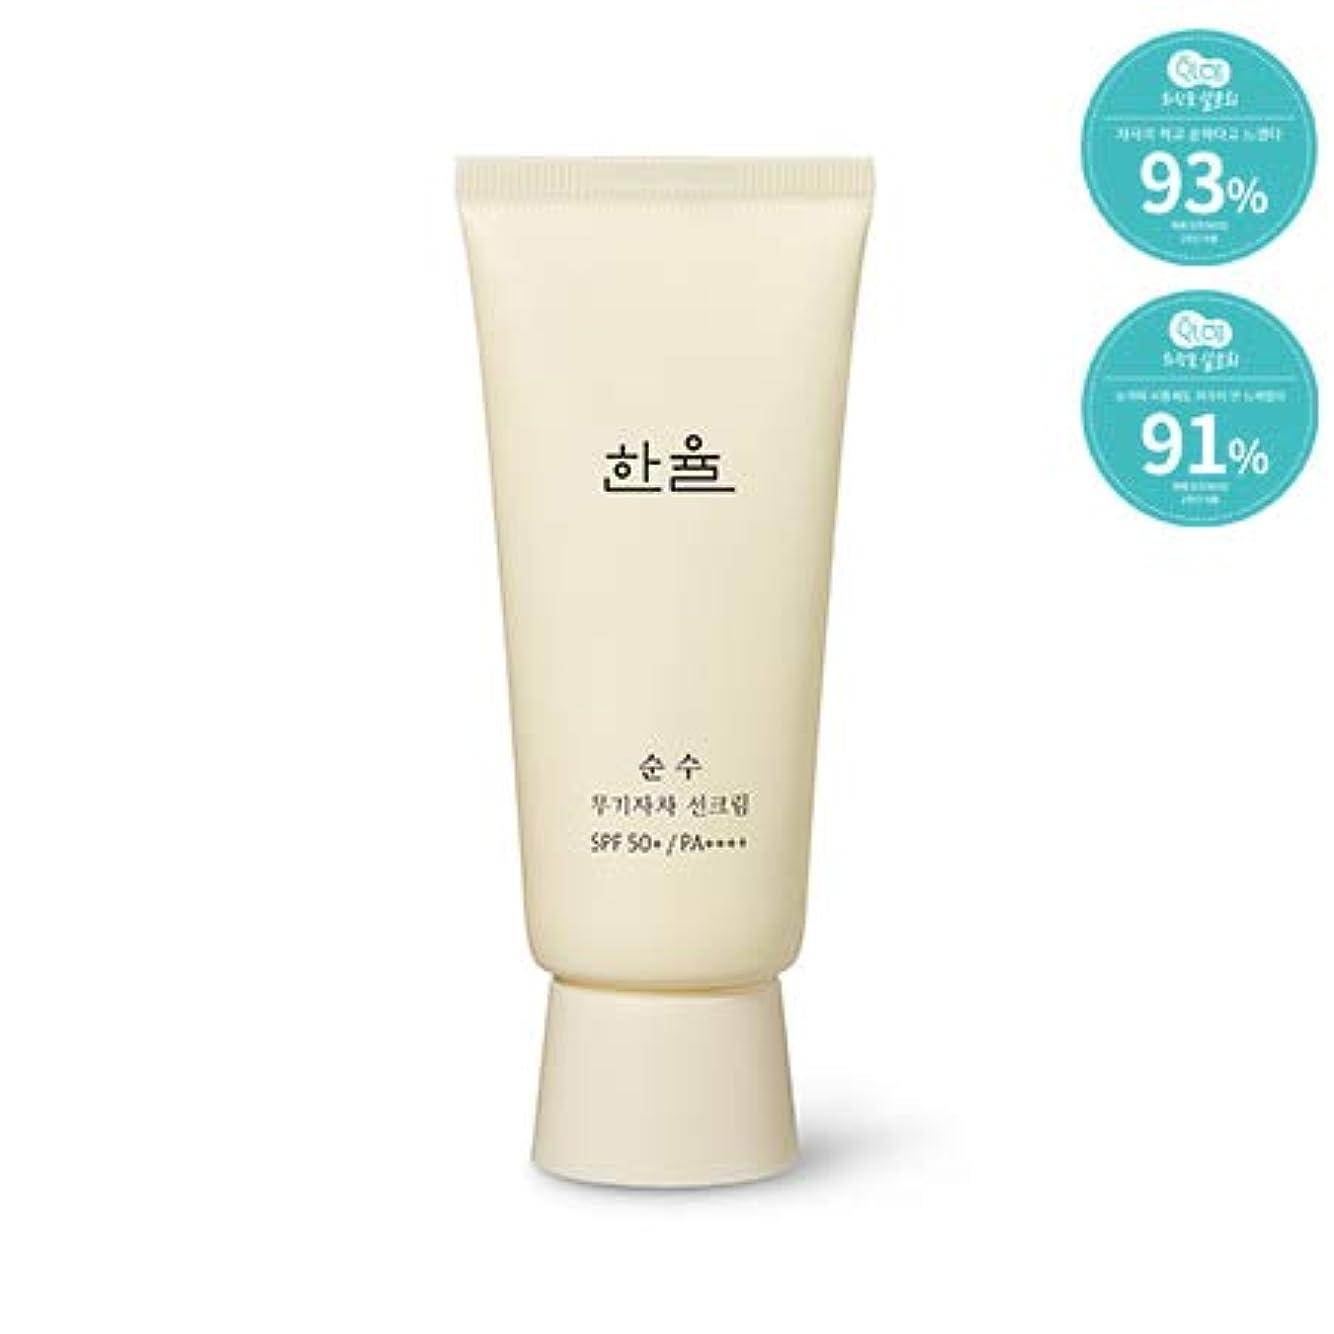 ポイント予知人差し指[ハンユル.HANYUL]純粋な鉱物紫外線日焼け止めSPF50+/ PA++++ Hanyul Pure Sunscreen Cream SPF50+/ PA++++快速発送(8日限)